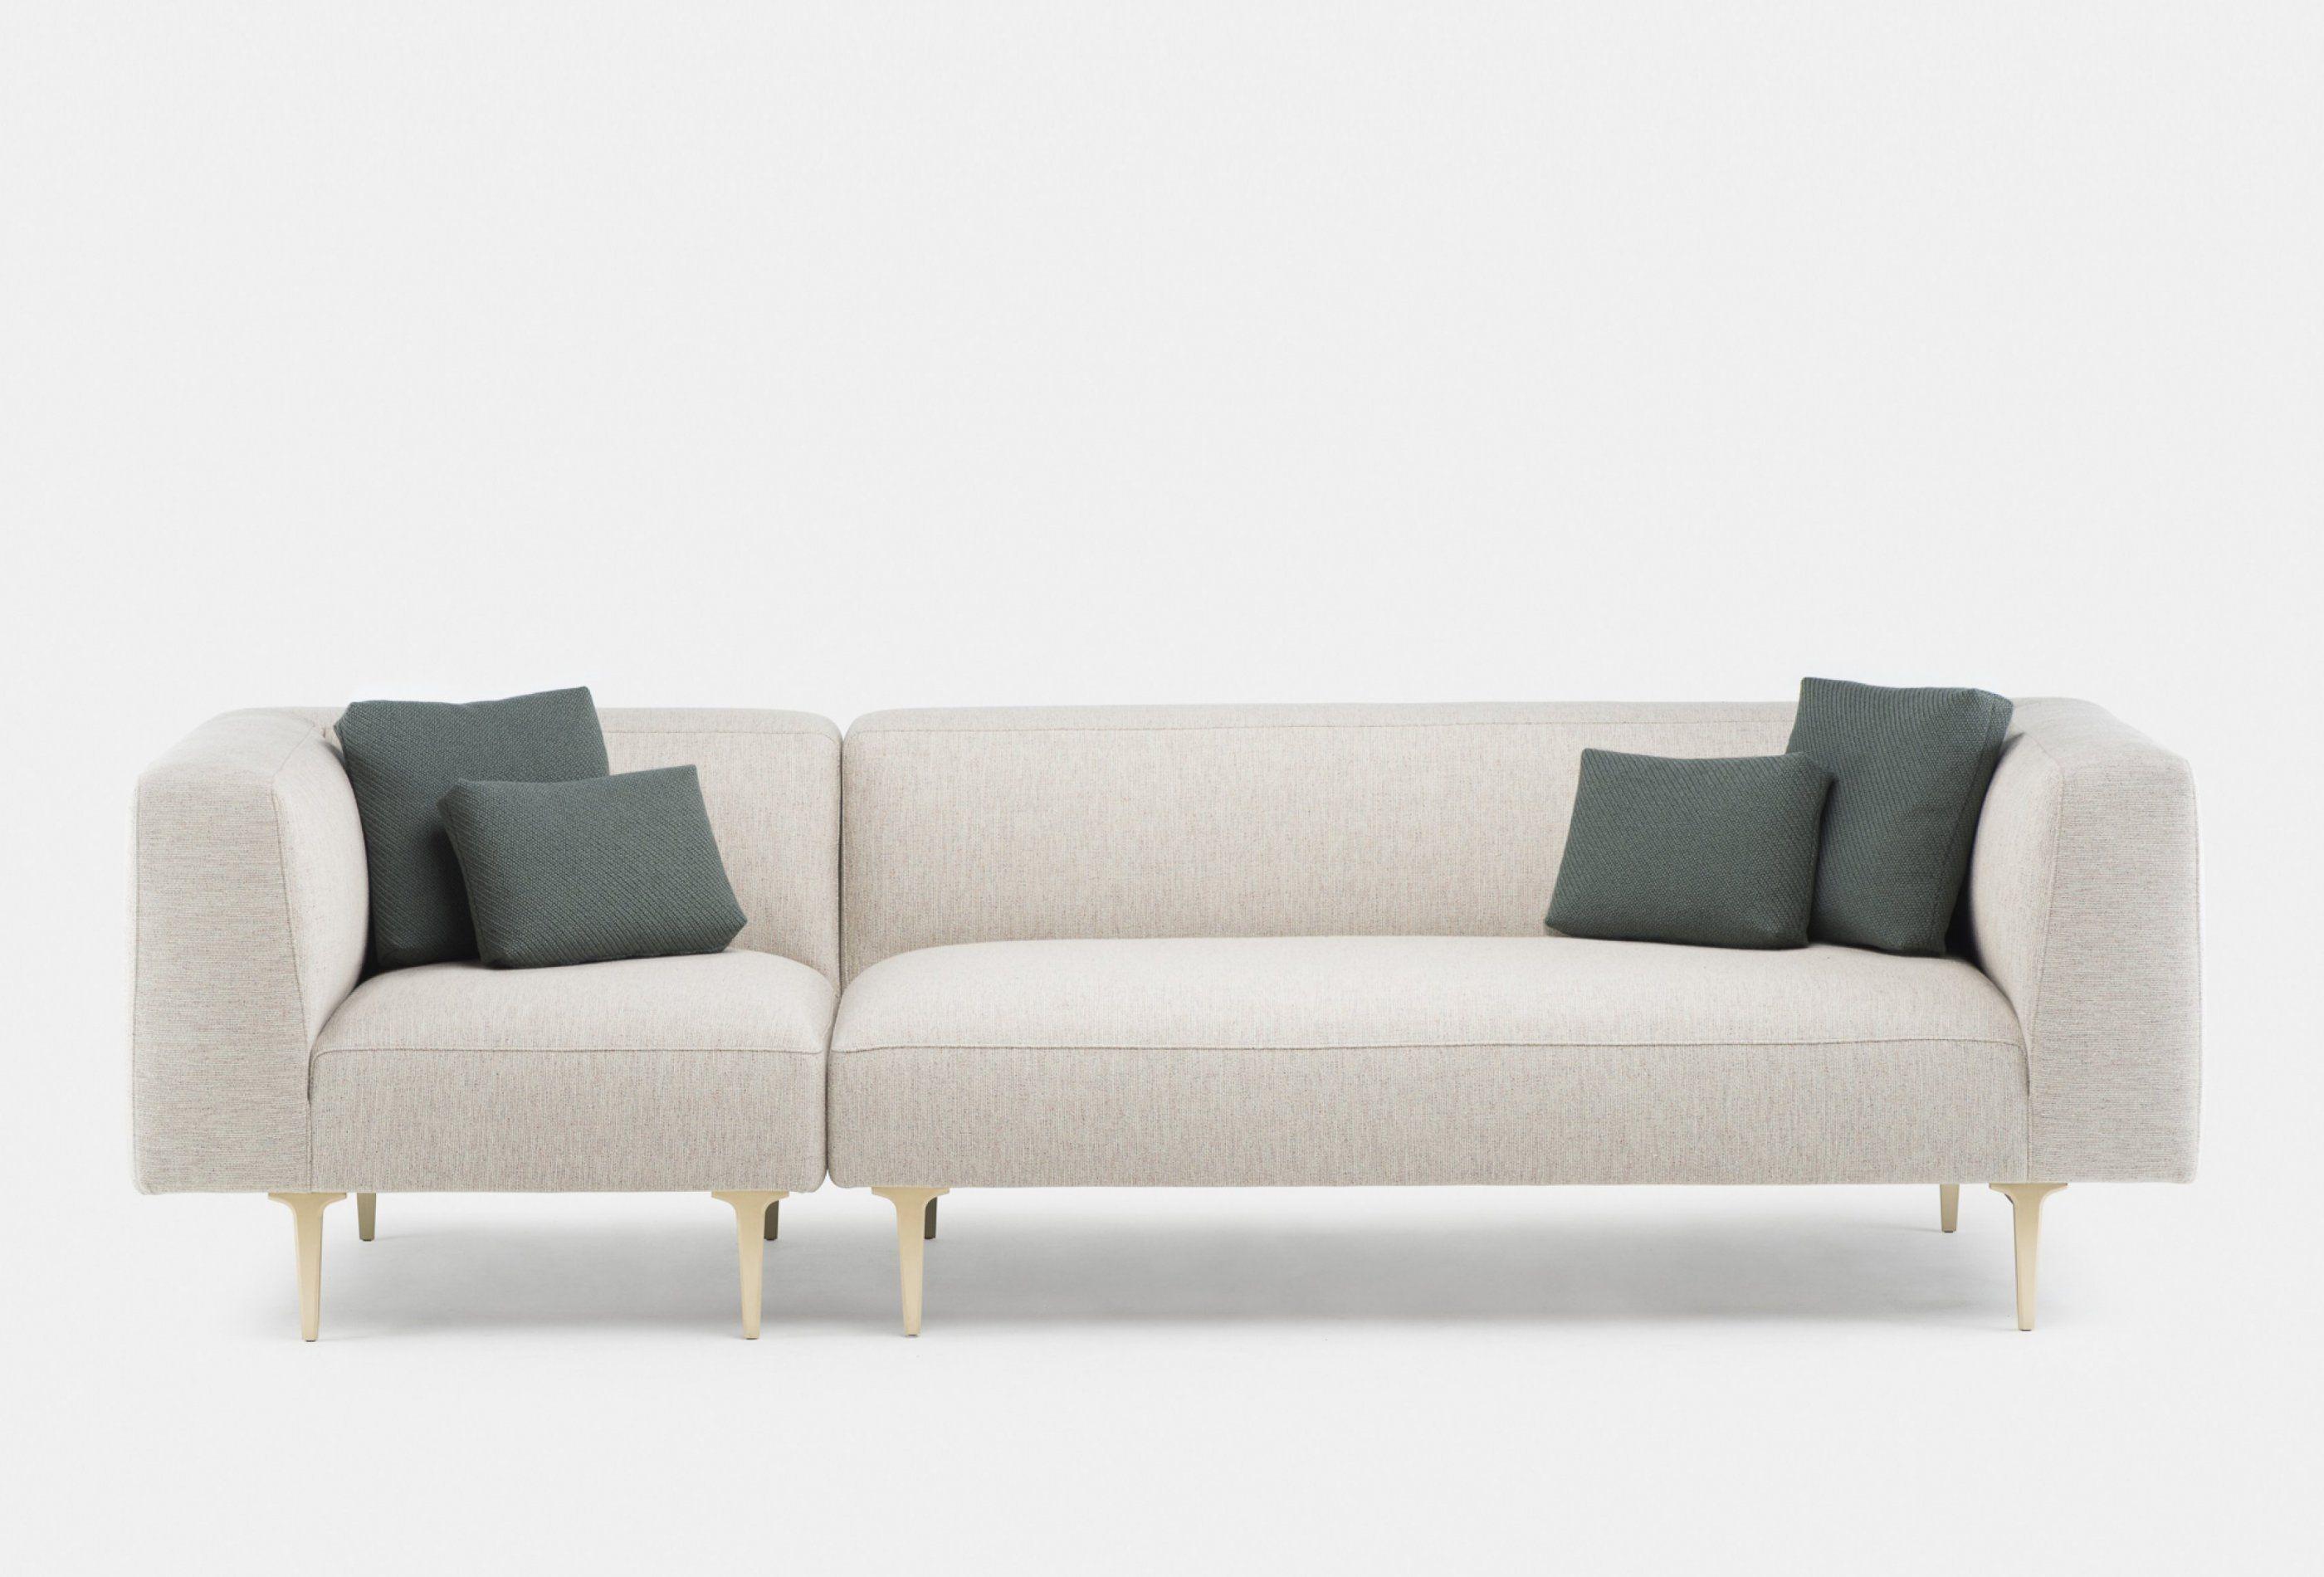 Viewing Matthew Hilton 403s L Planalto Sofa Product Sofachair Sofa Chair In 2019